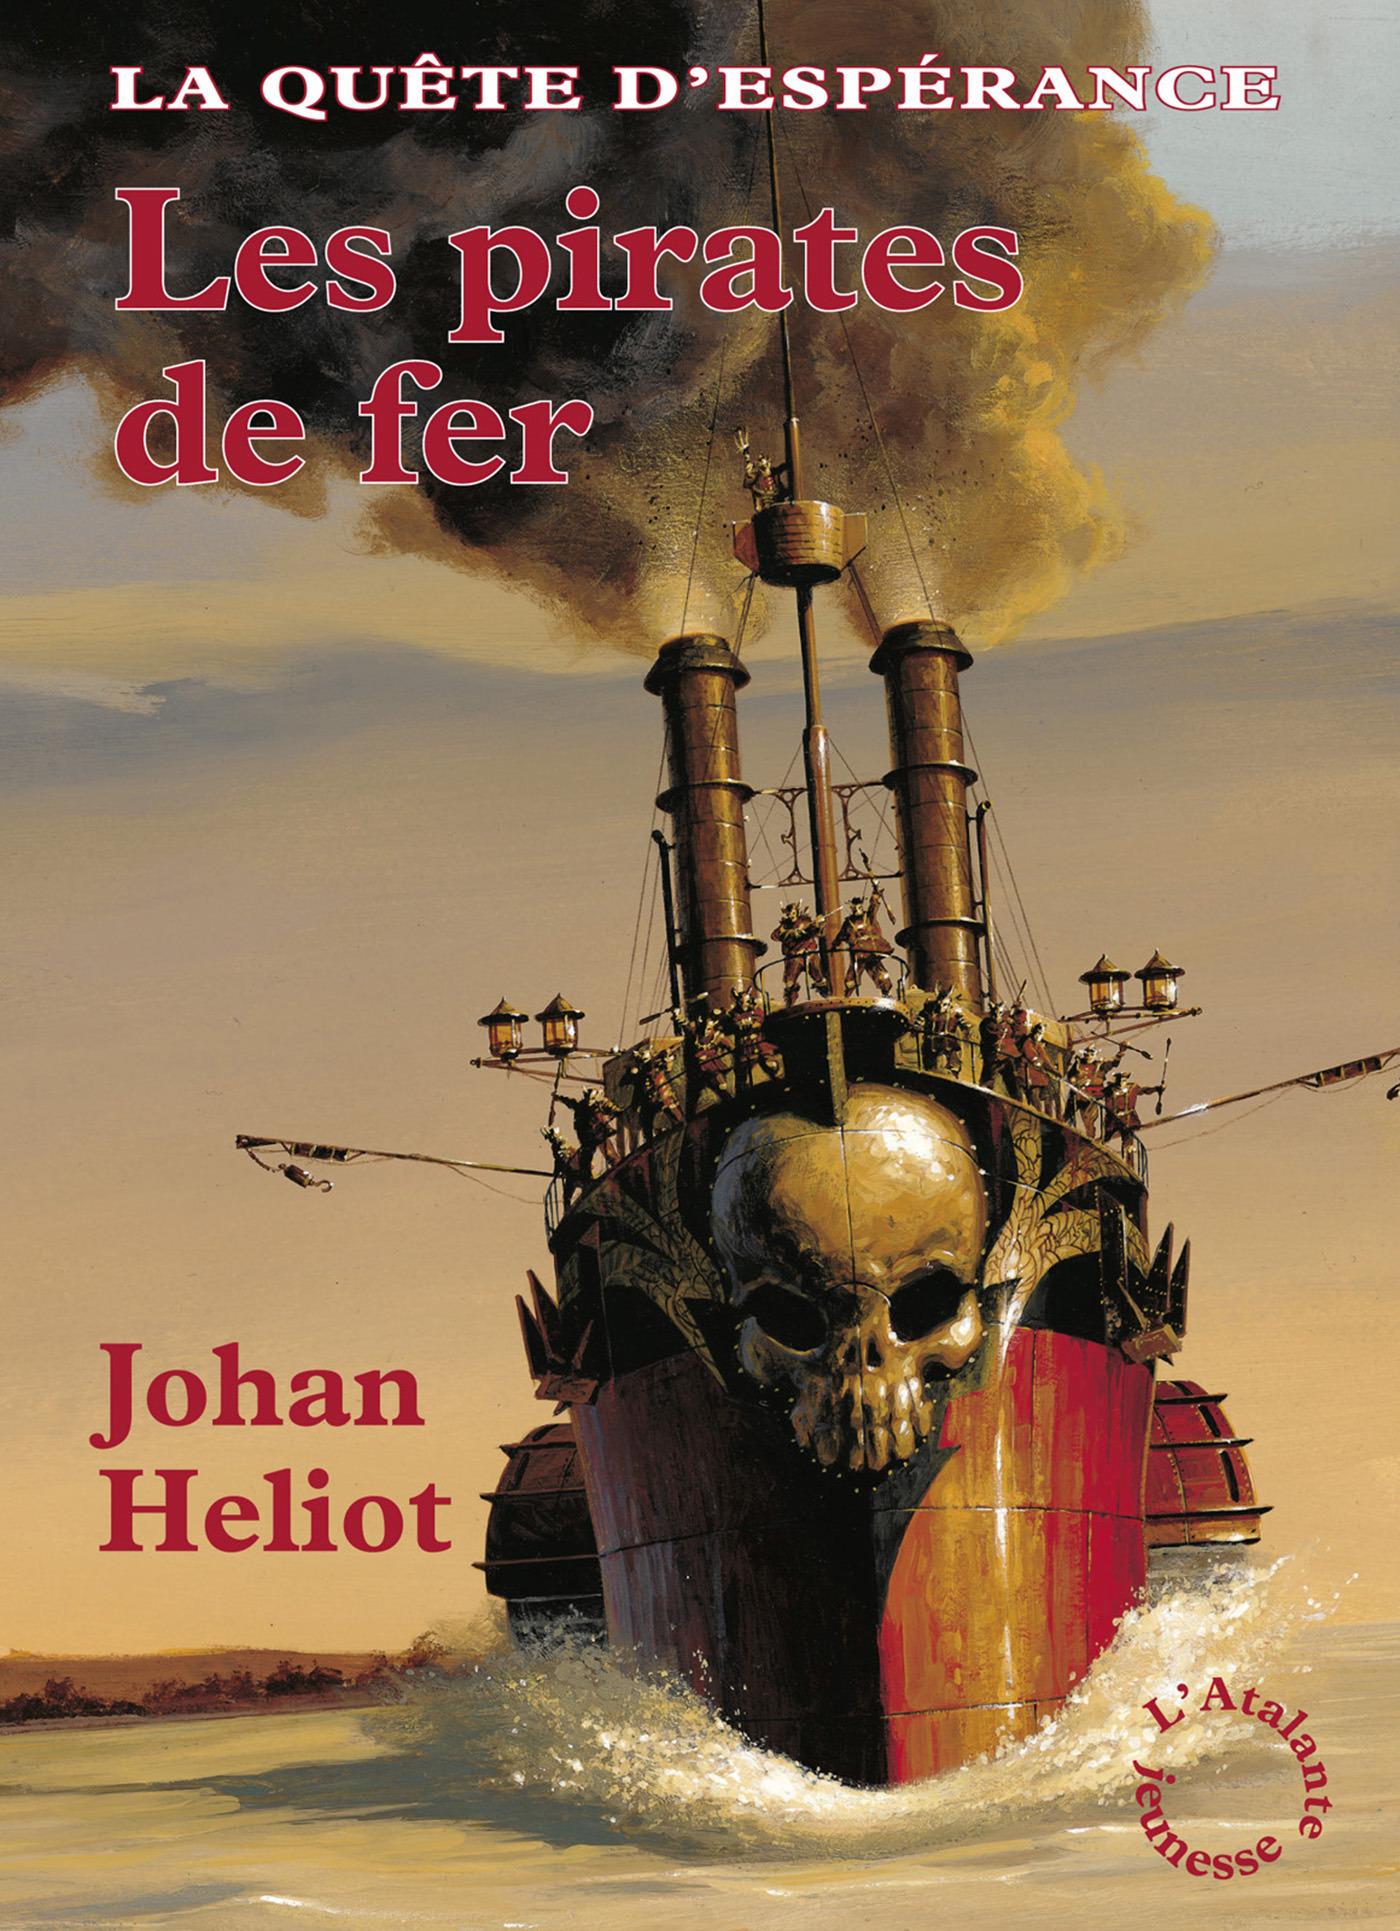 La quête d'espérance t.2 ; les pirates de fer  - Johan Heliot